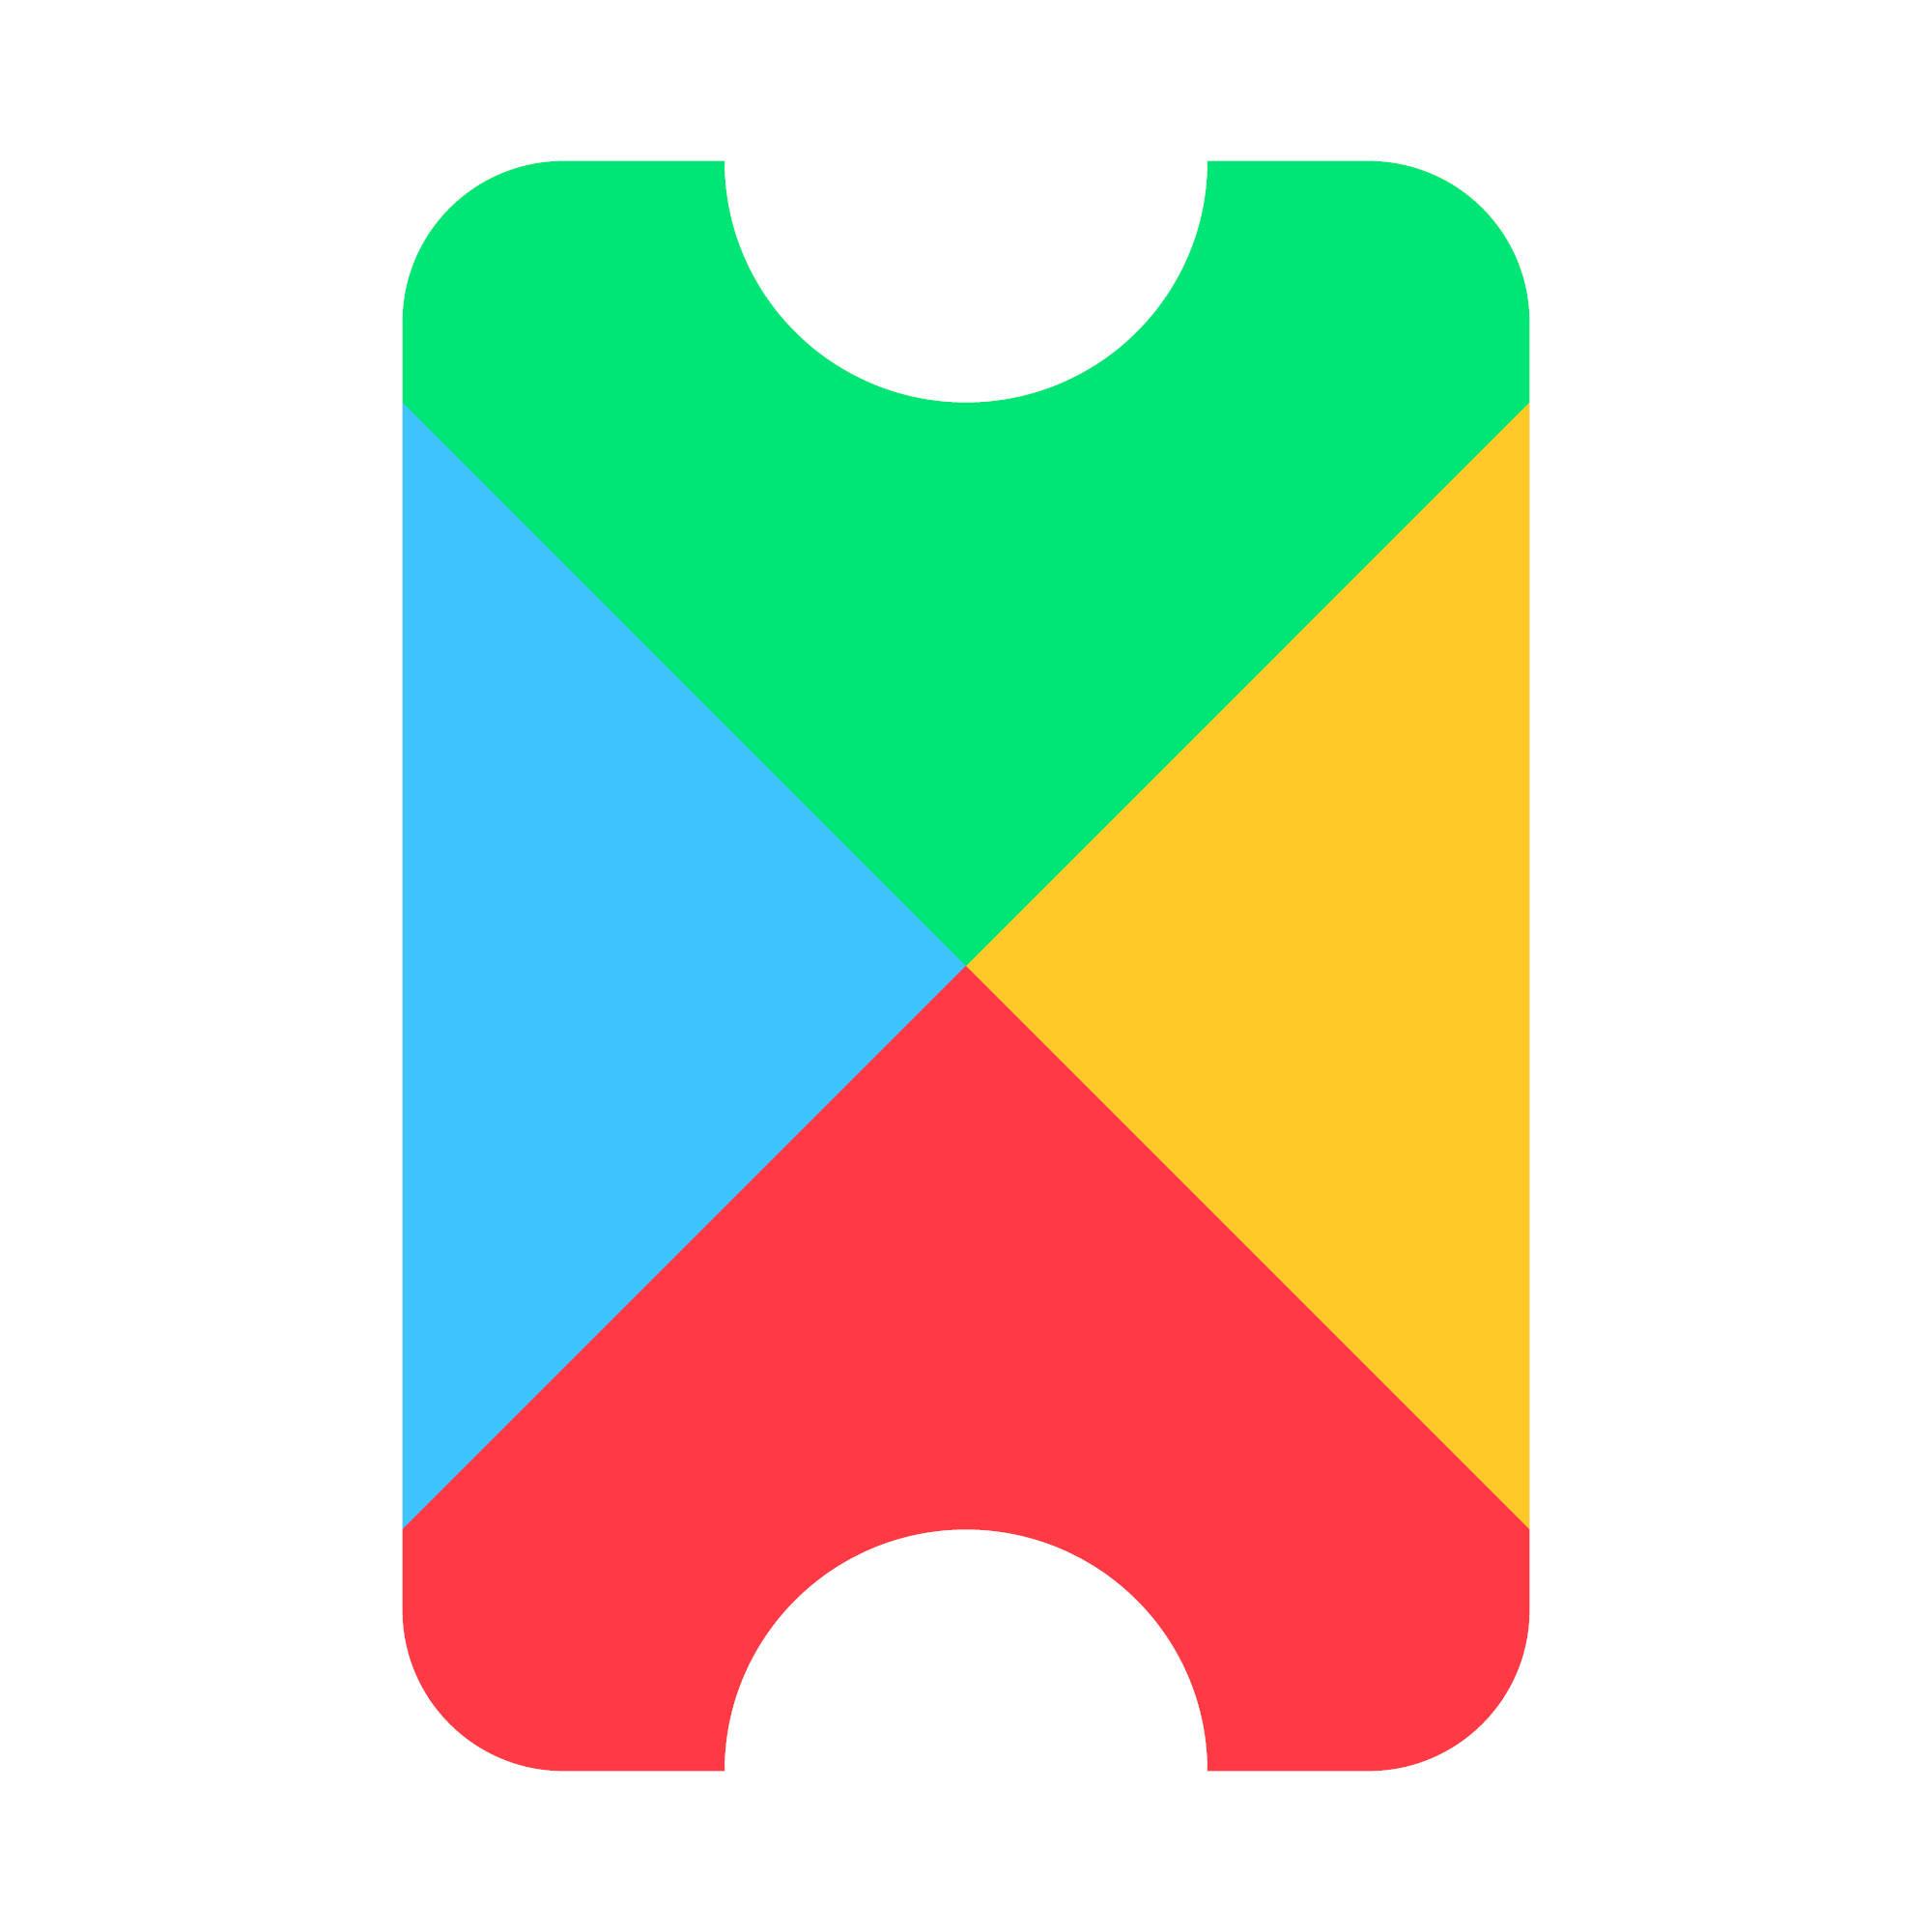 usługa Google Play Pass cena w Polsce opinie czy warto aplikacje gry Android